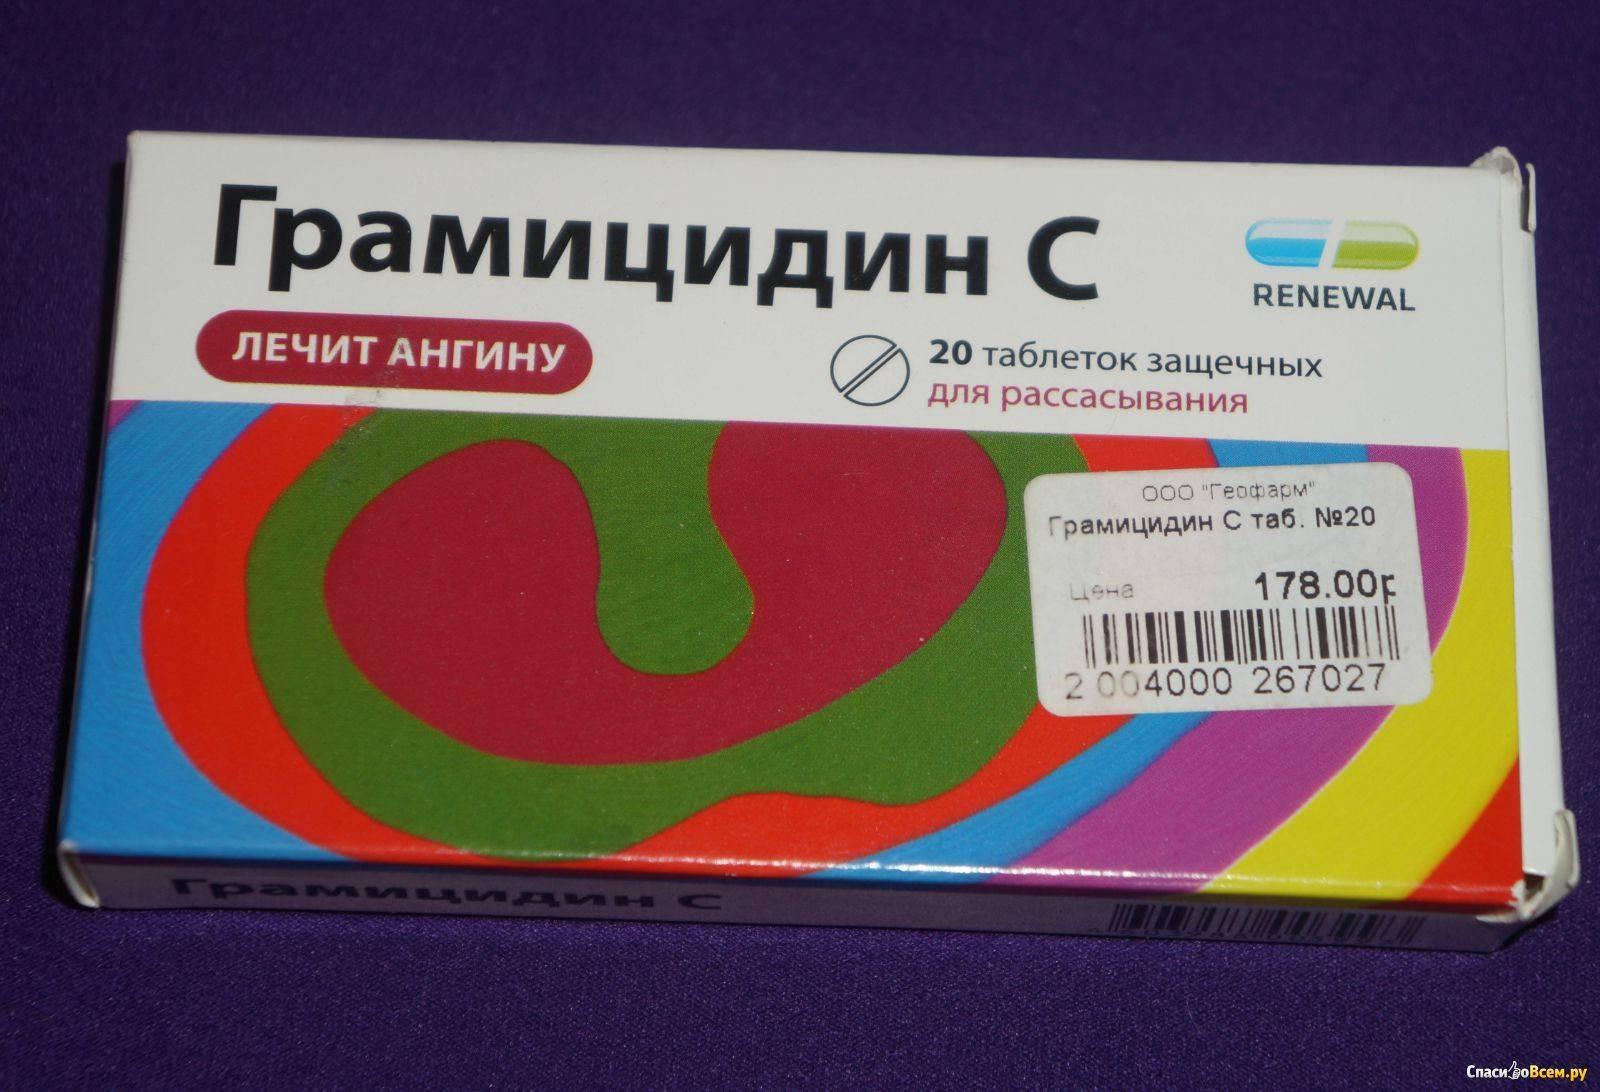 Таблетки при ангине для рассасывания с антибиотиком